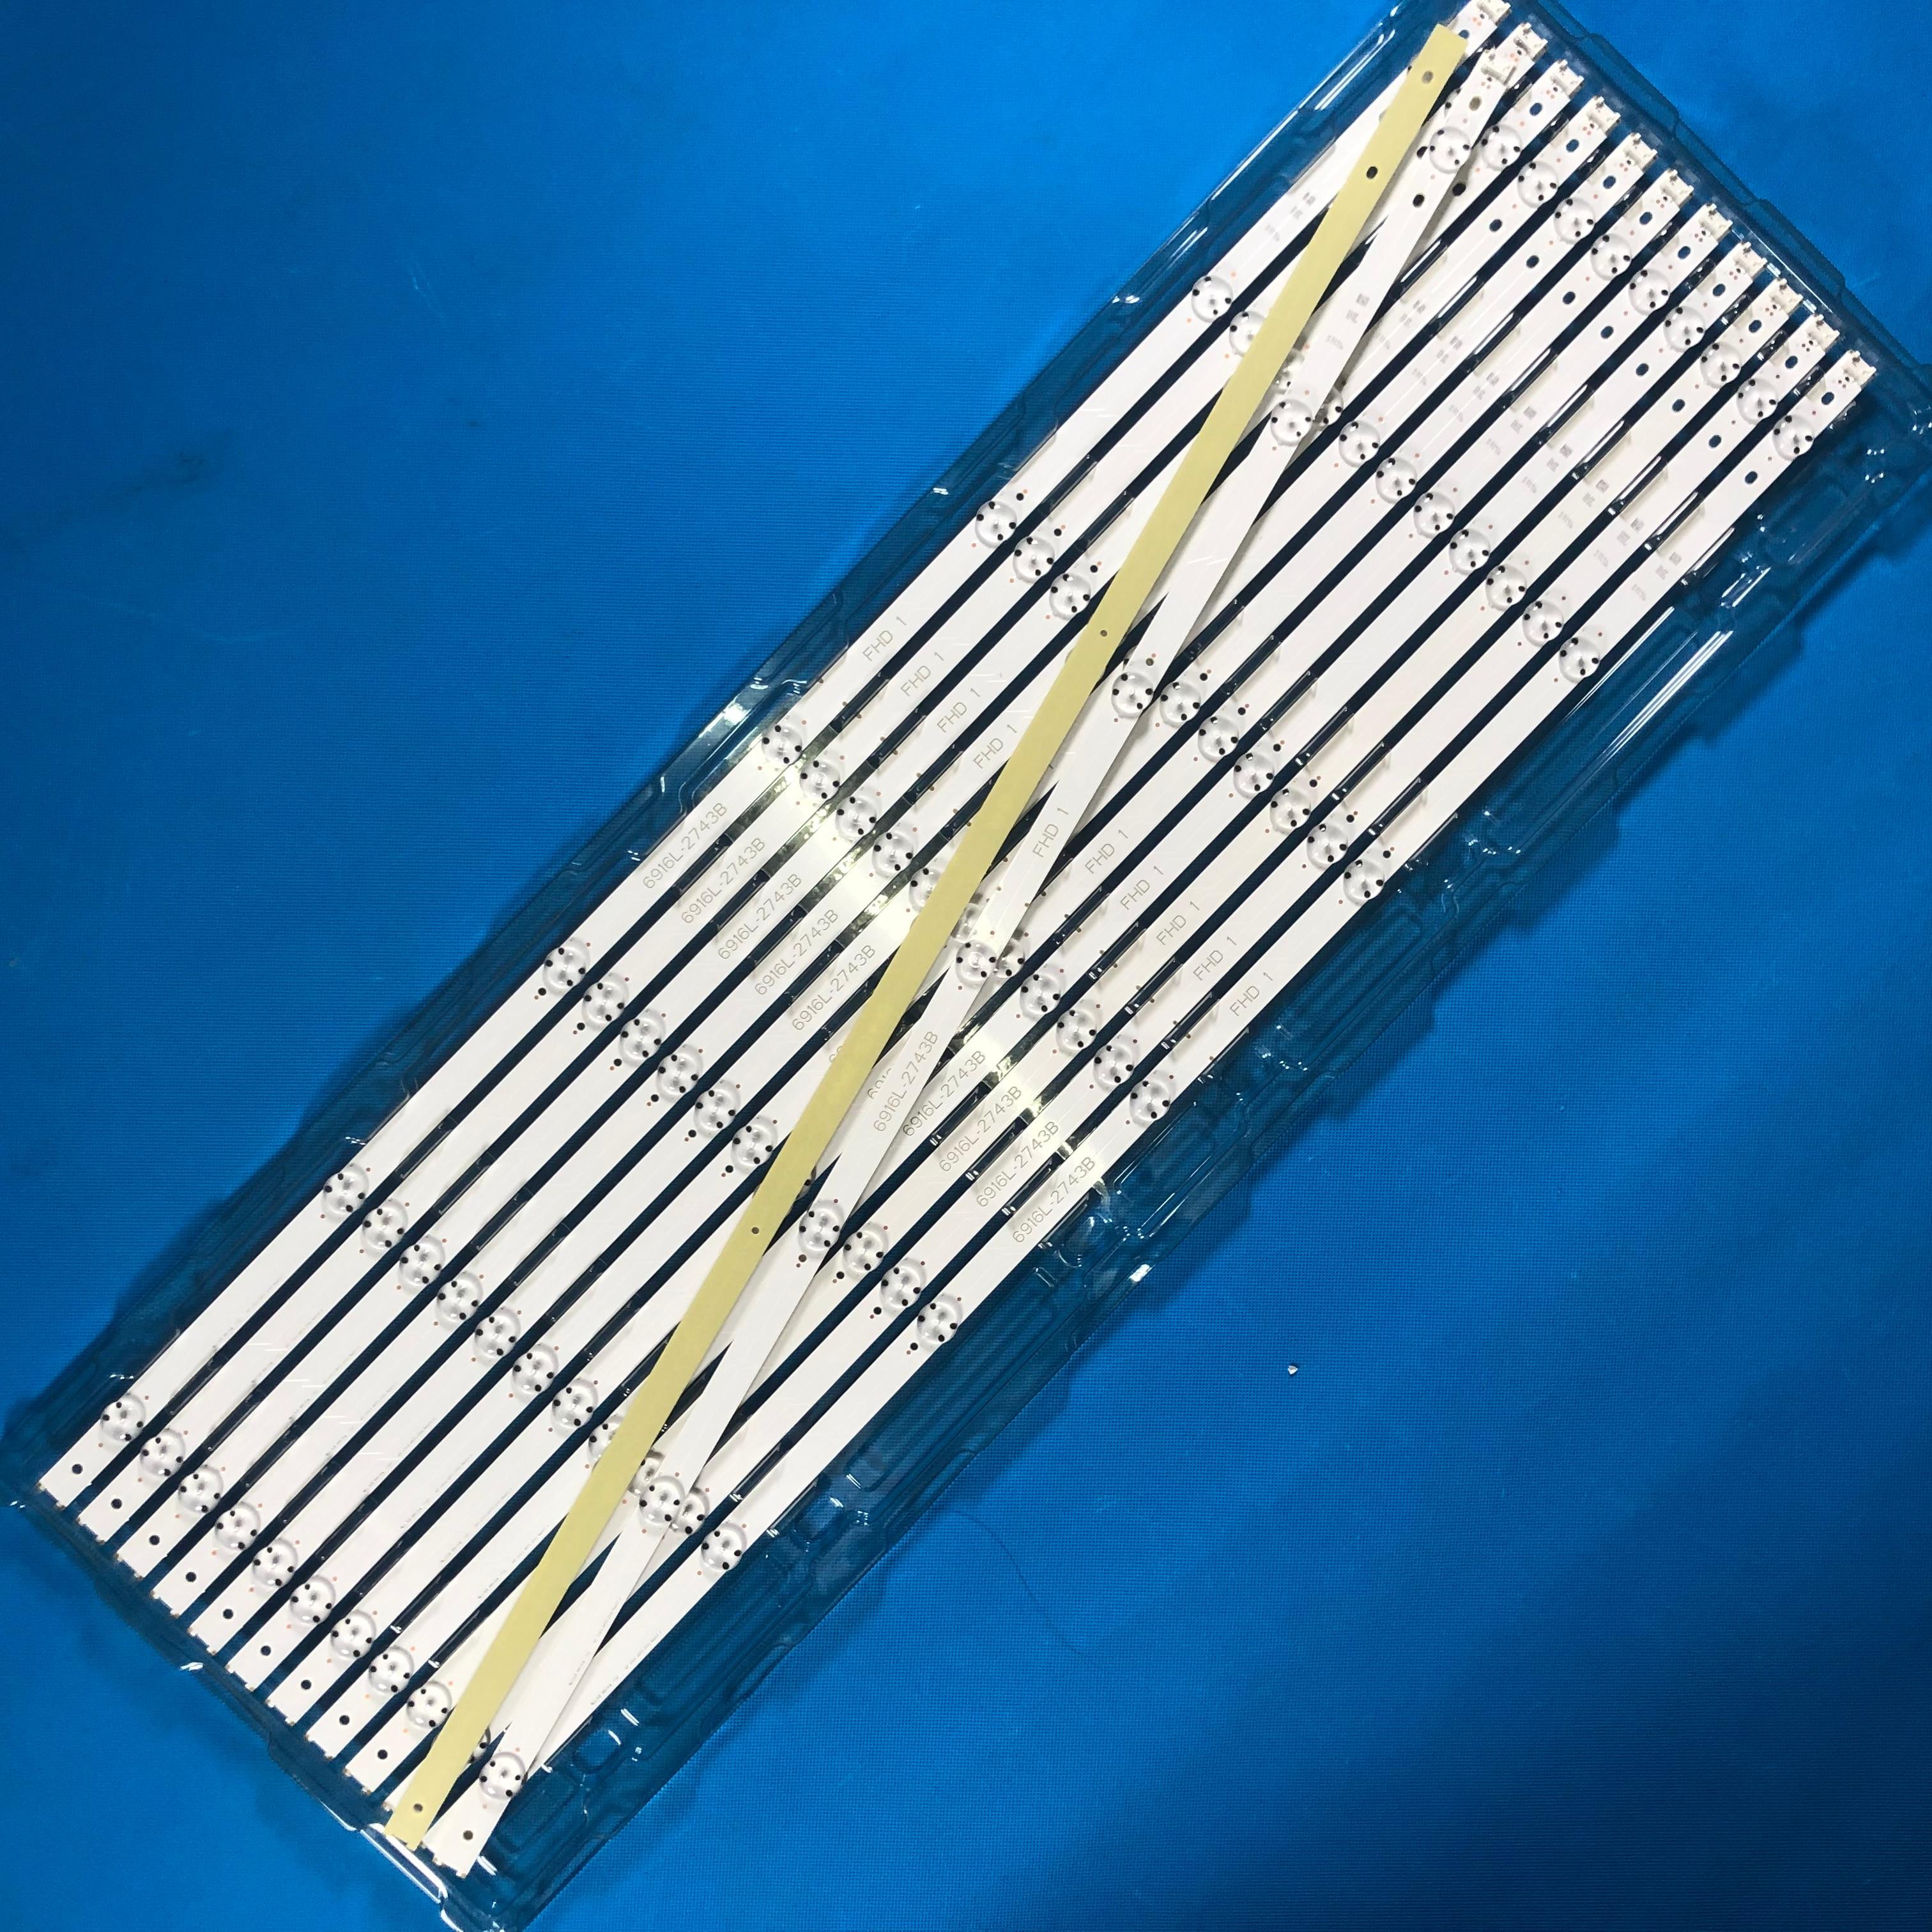 LED Backlight Lamp Strip For LG 43